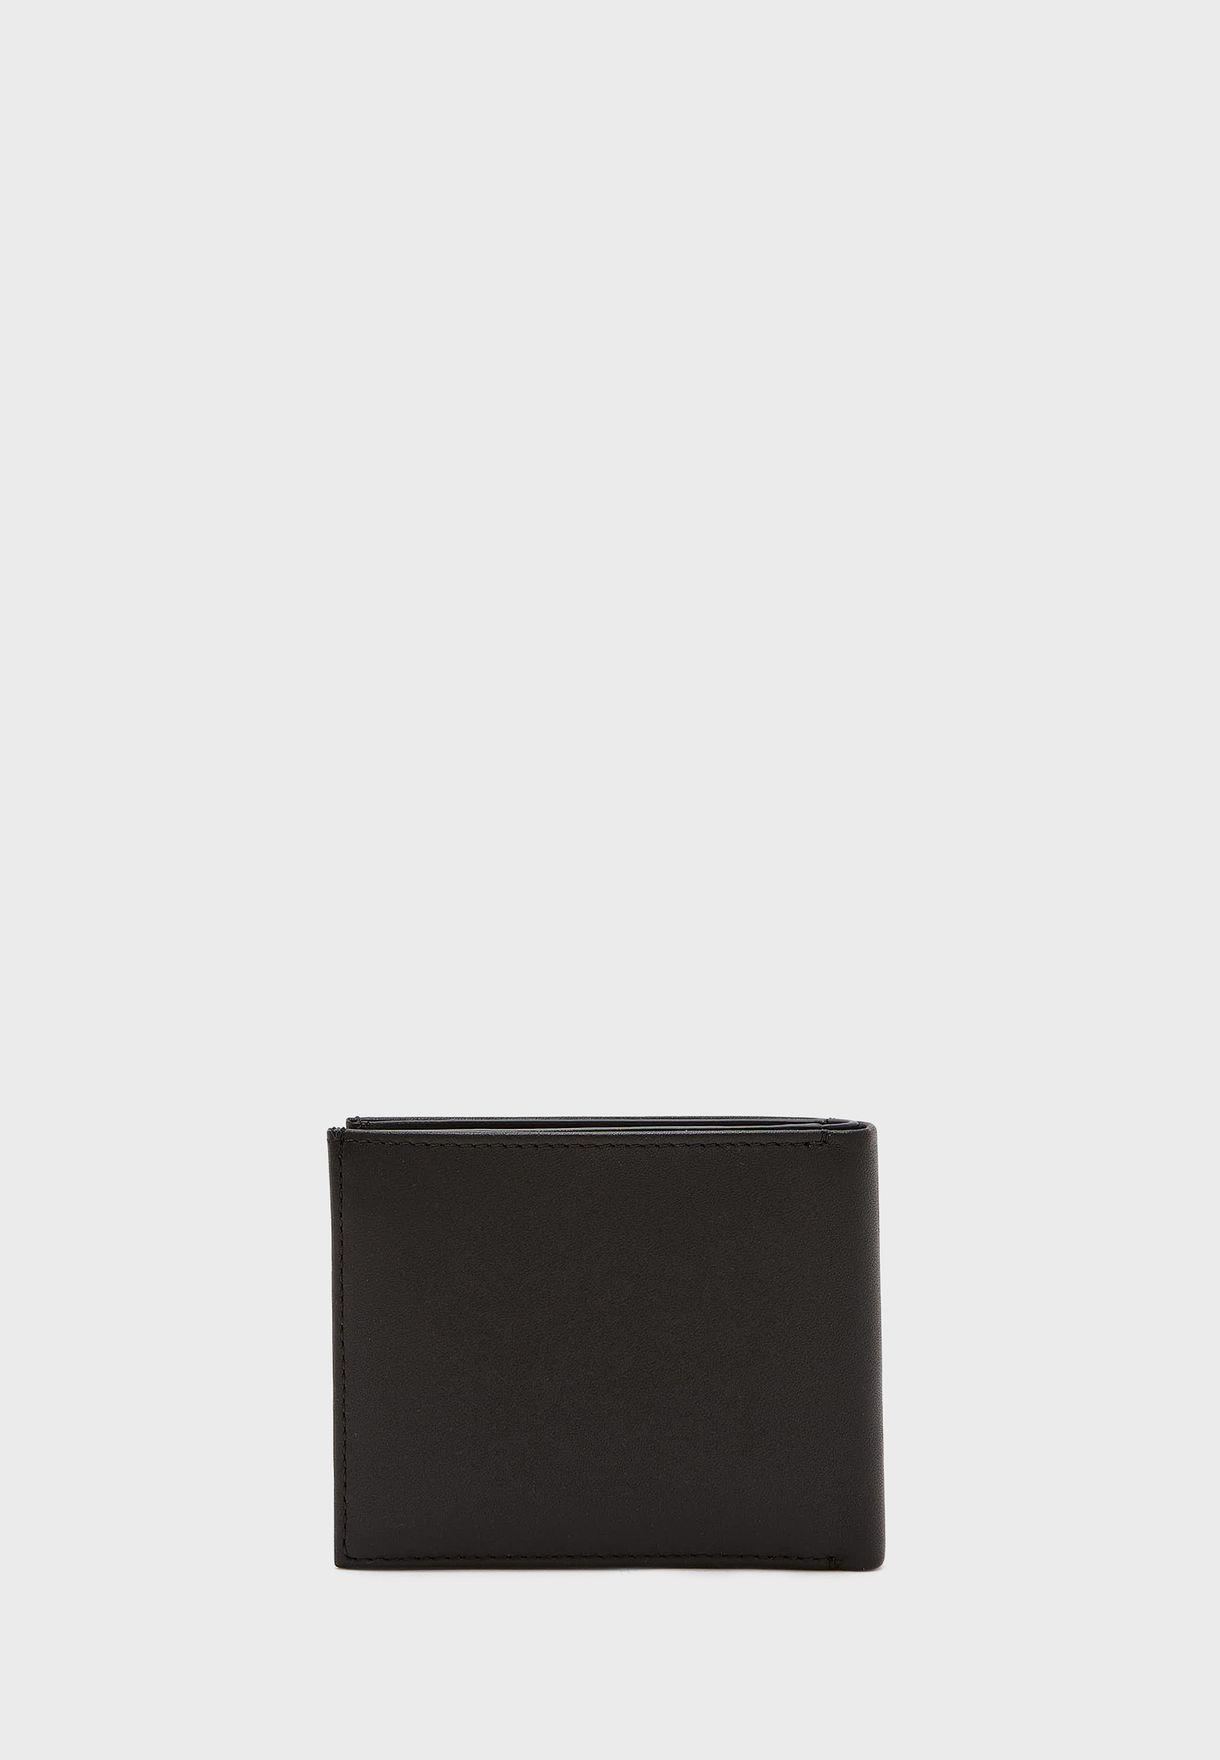 محفظة قابلة للطي مع سحاب